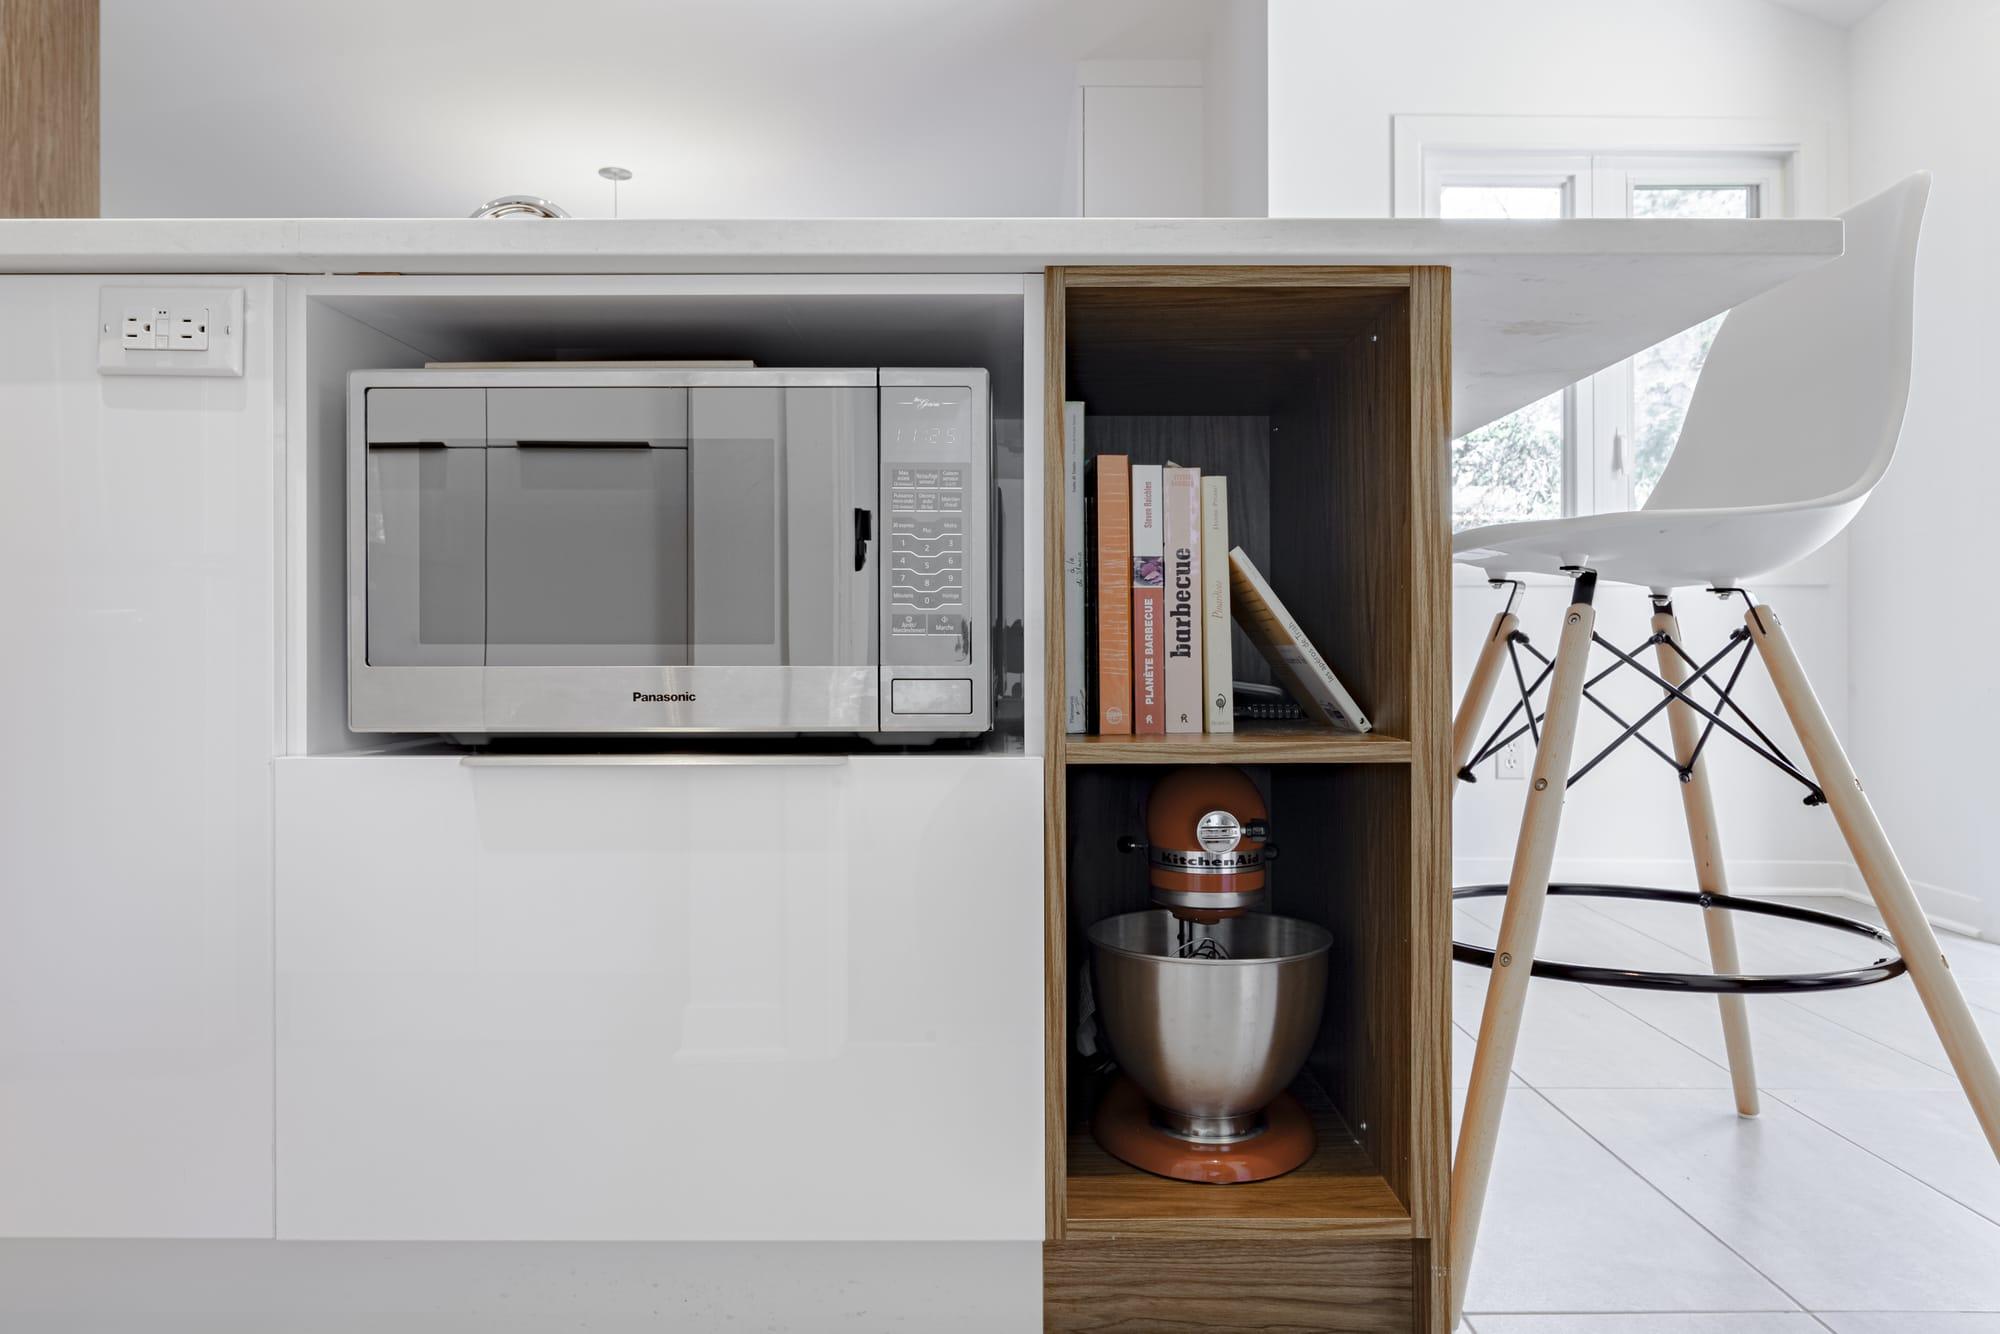 rangement dans une cuisine rénovée avec espace pour micro-ondes et livres